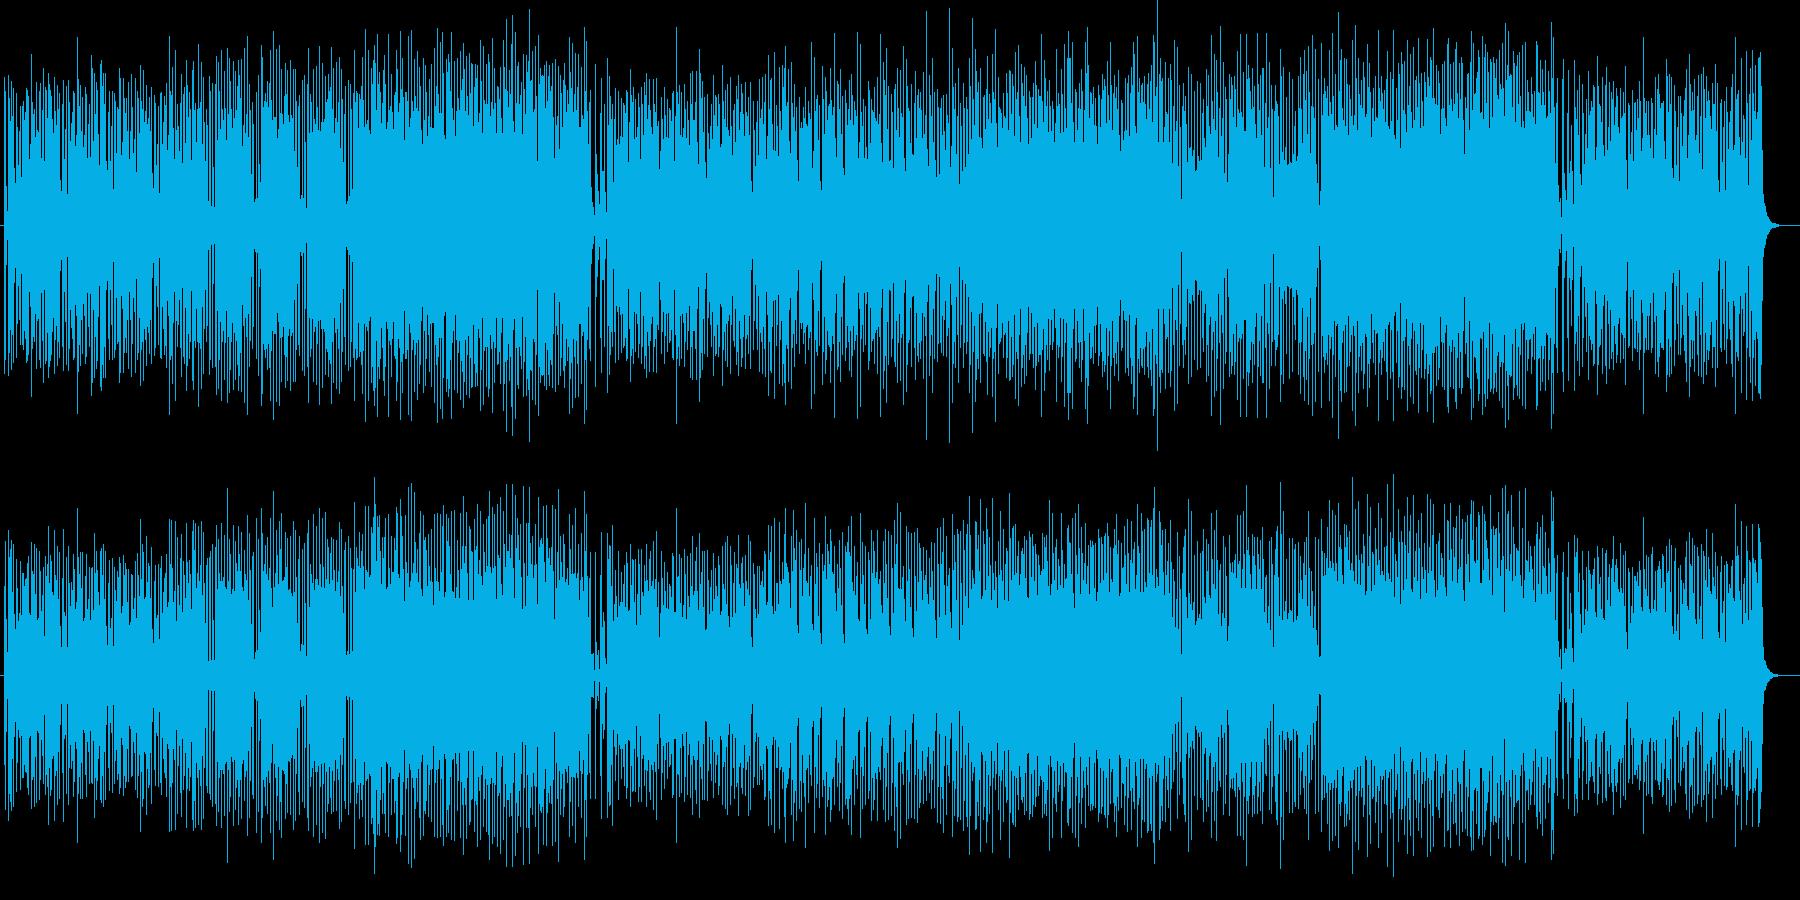 楽しくはじけるシンセサイザーサウンドの再生済みの波形